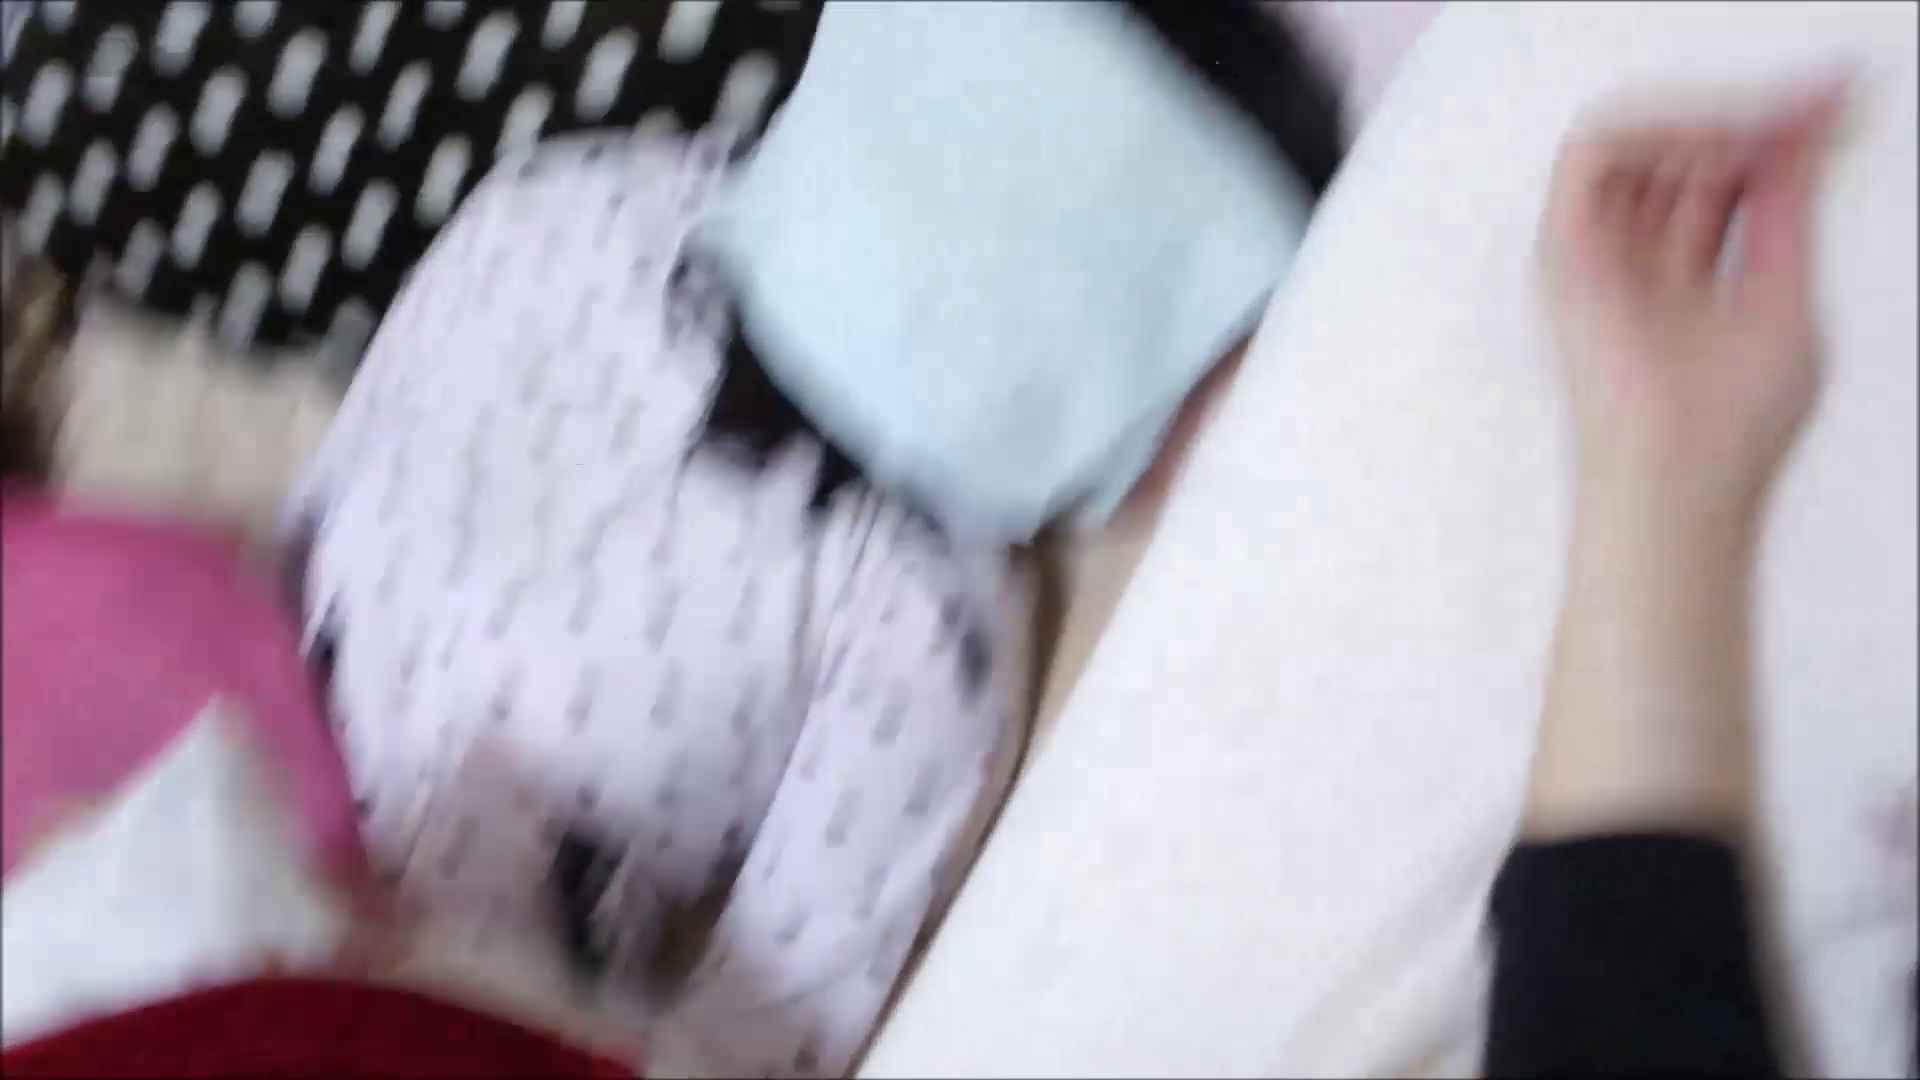 【俺の2人の愛嬢】【未公開】vol.71 3人一緒に・・・【れいか編】 セックス  53PIX 13